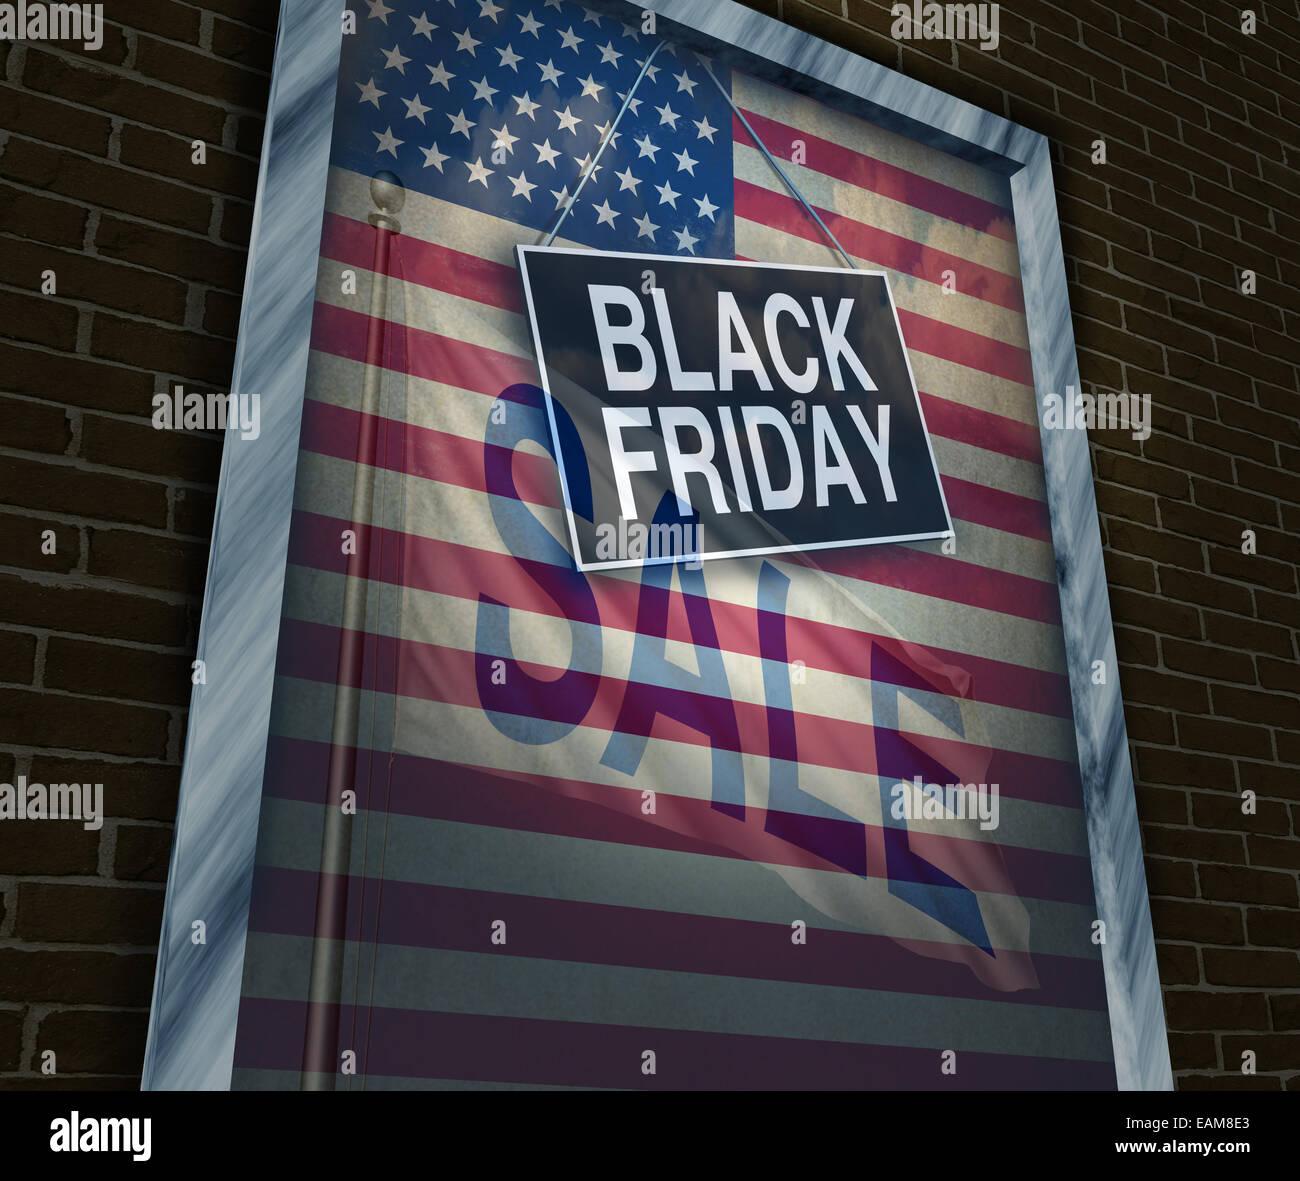 Le vendredi noir maison de vente sur un magasin d'enseigne fenêtre avec un drapeau américain la réflexion Photo Stock